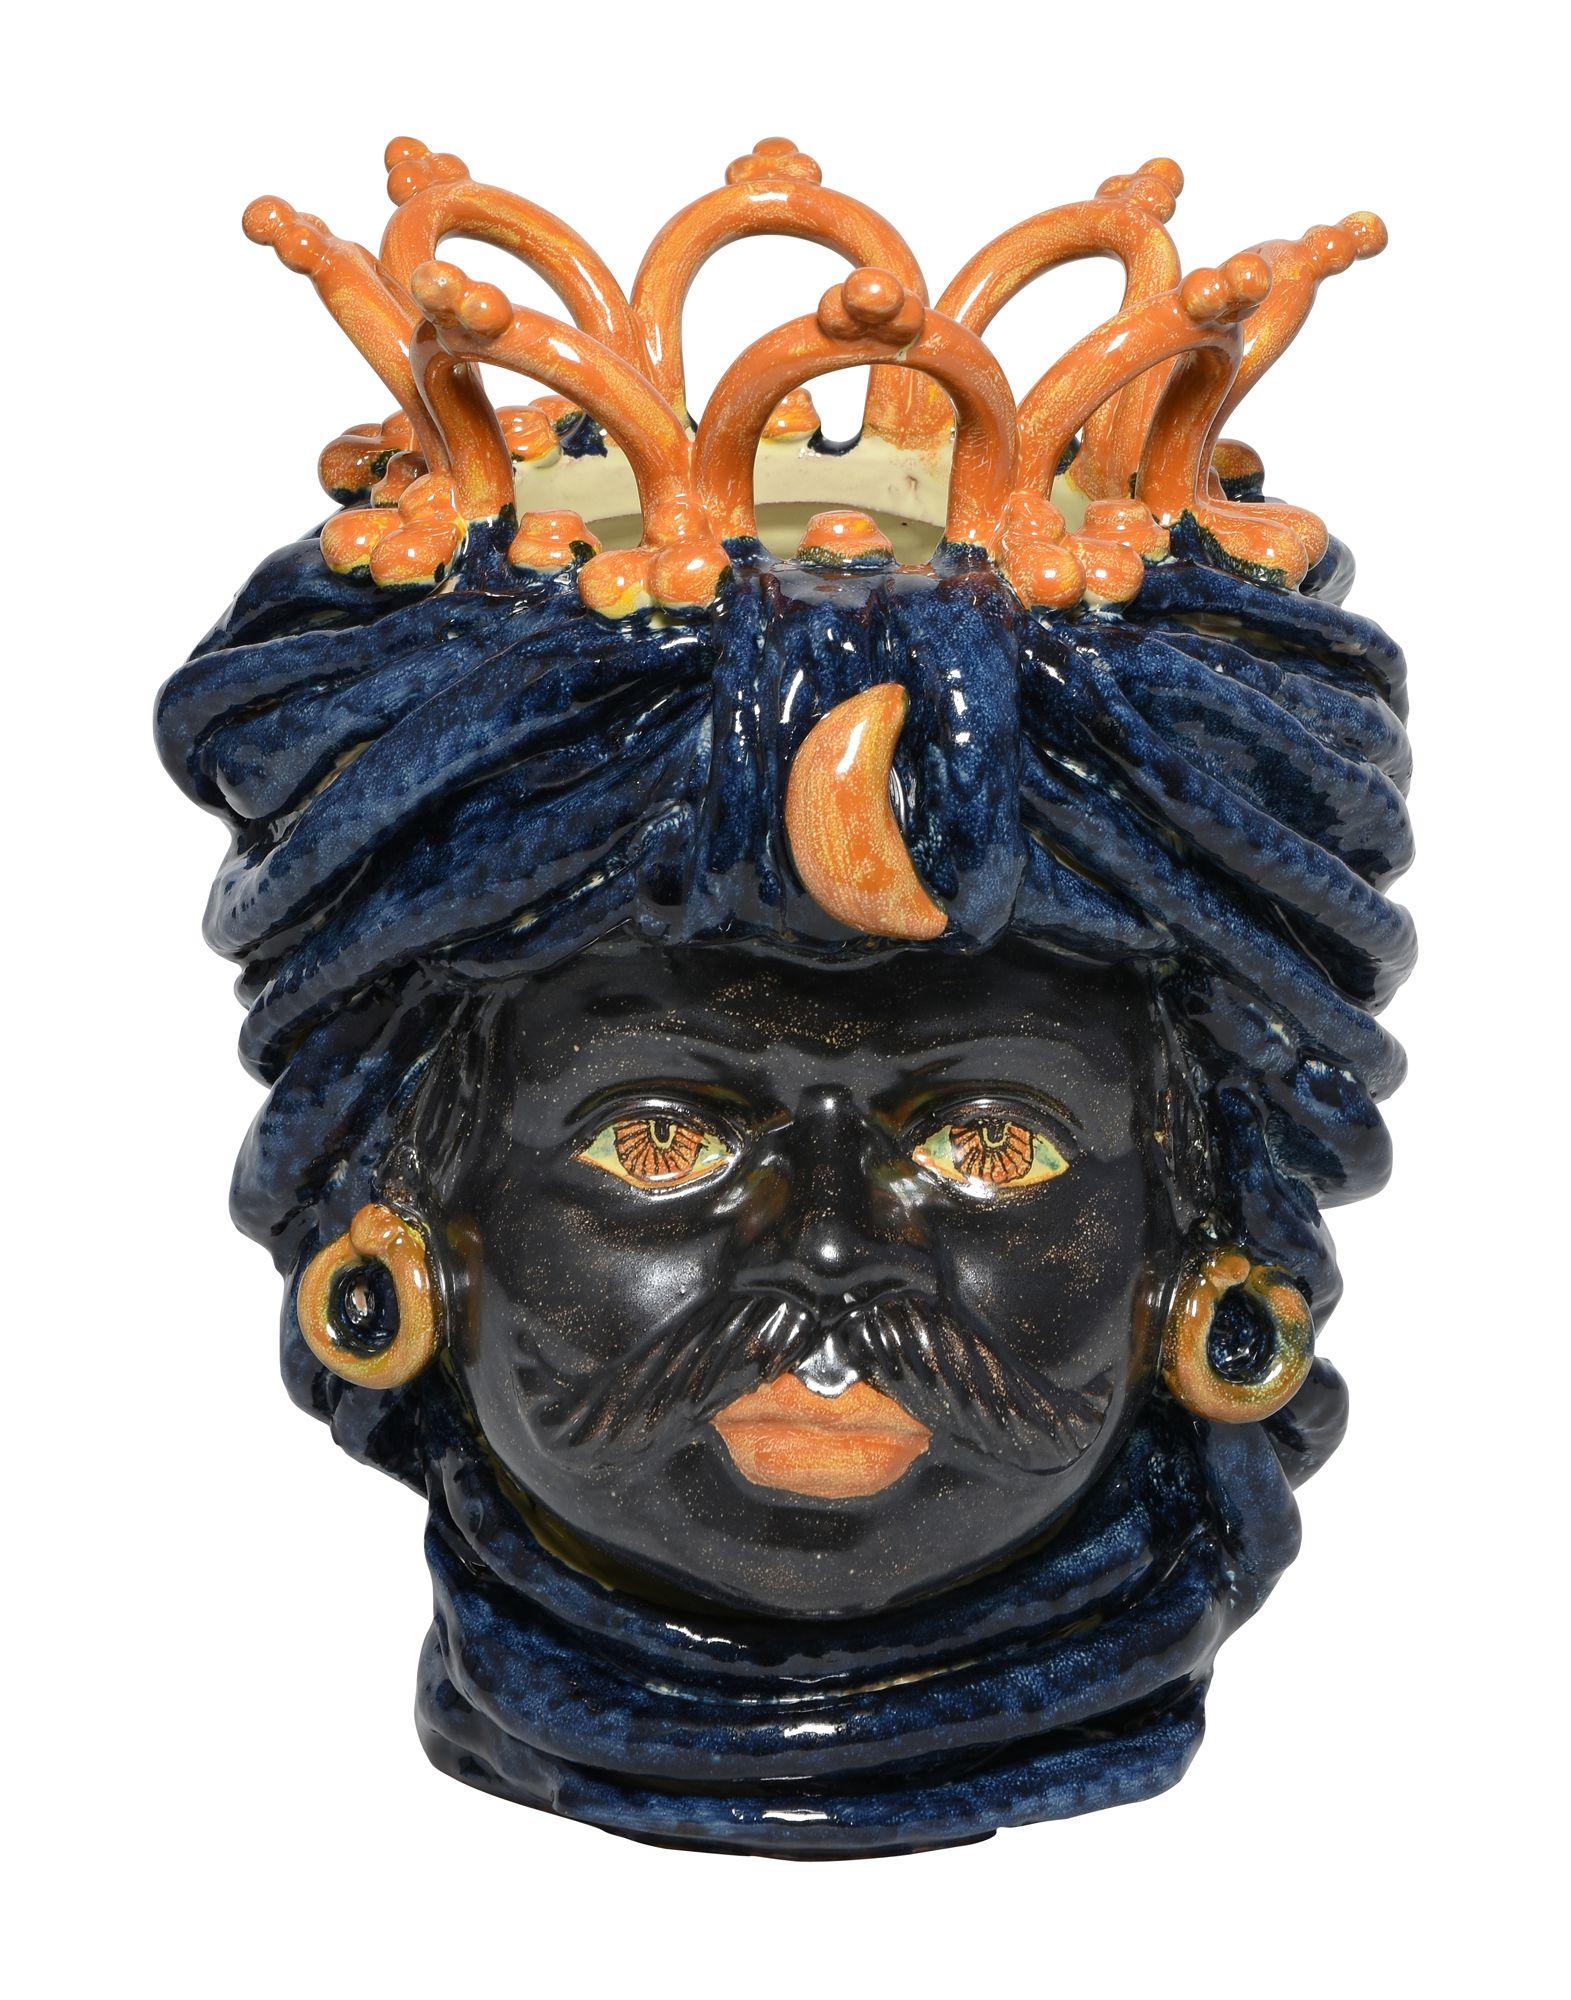 Ceramiche Alessi Small Object Inredning